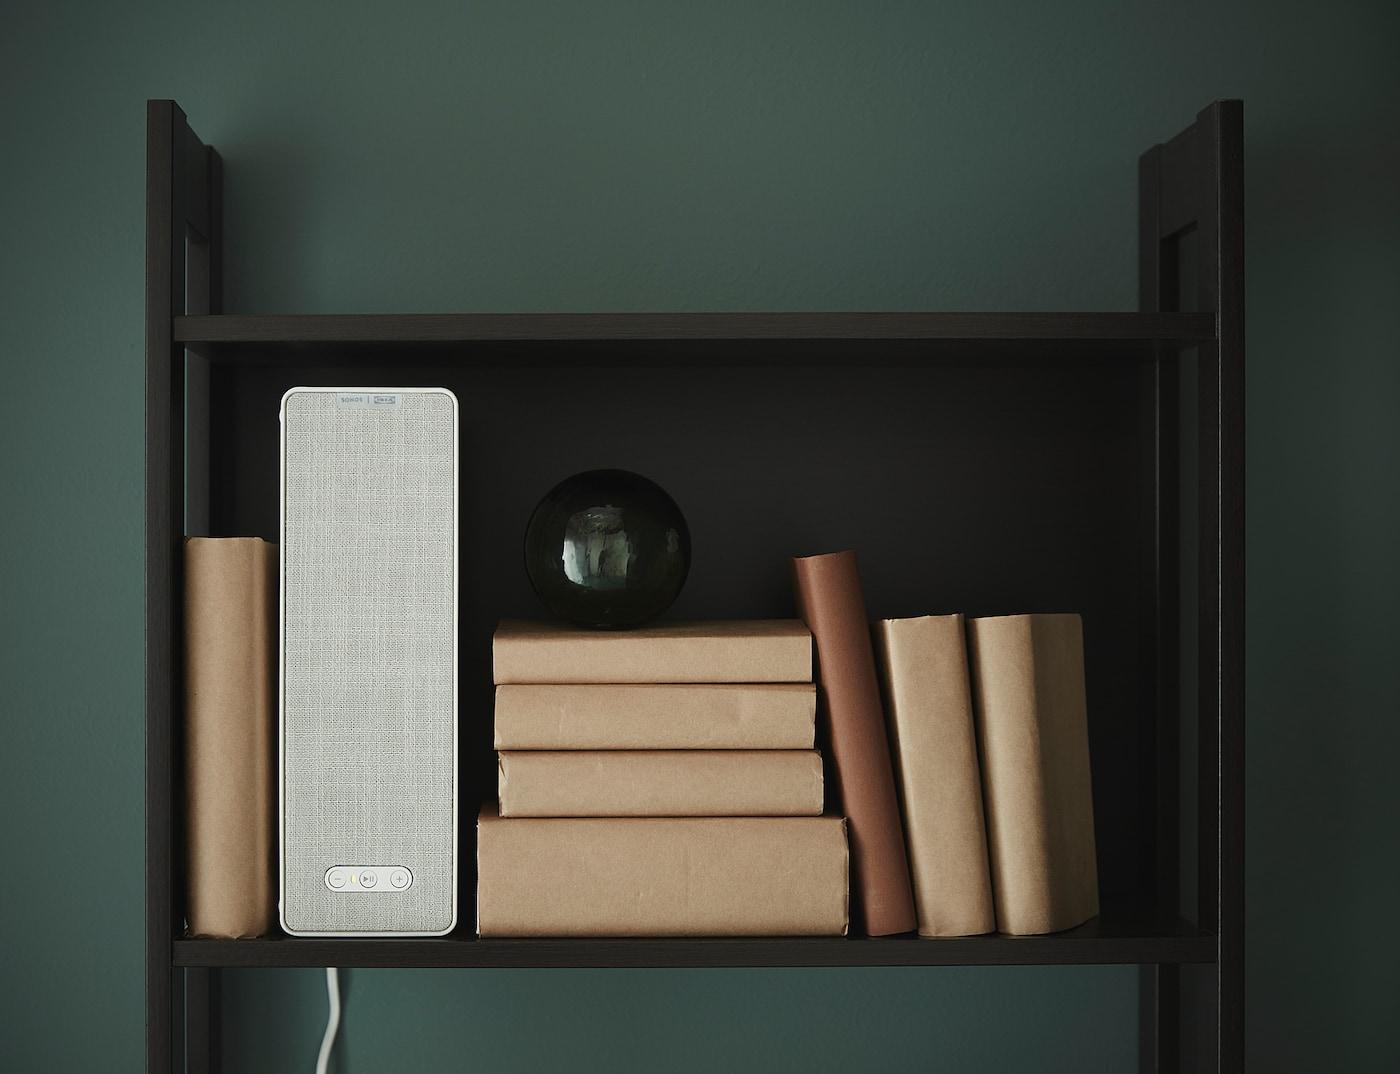 Utiliser des enceintes Sonos avec Google Assistant